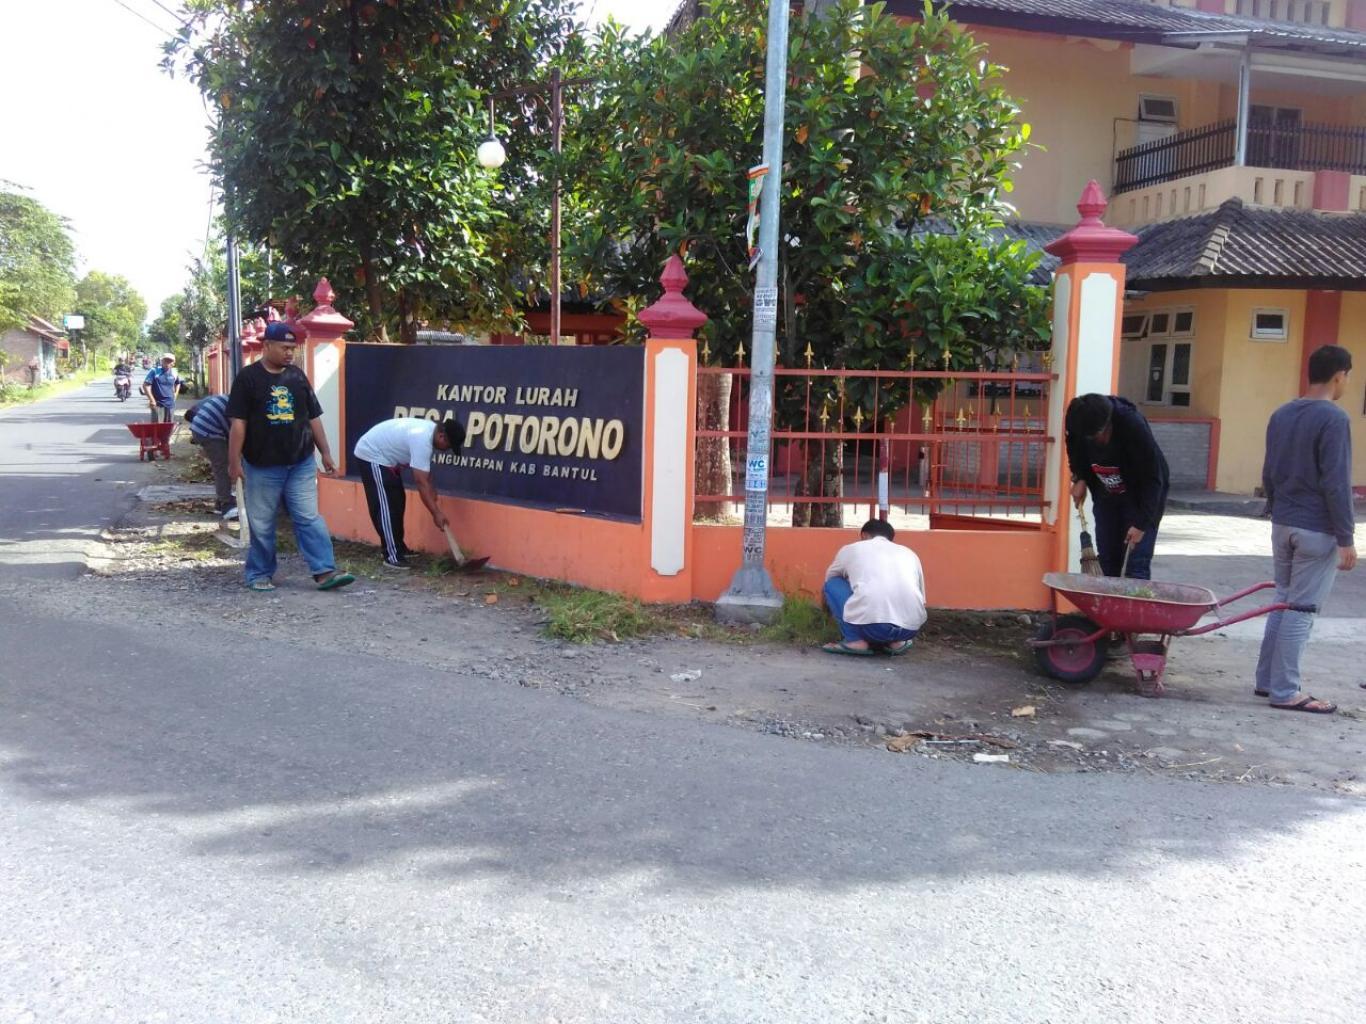 Pelaksanaan Gotong Royong Menjaga Kebersihan Lingkungan Desa